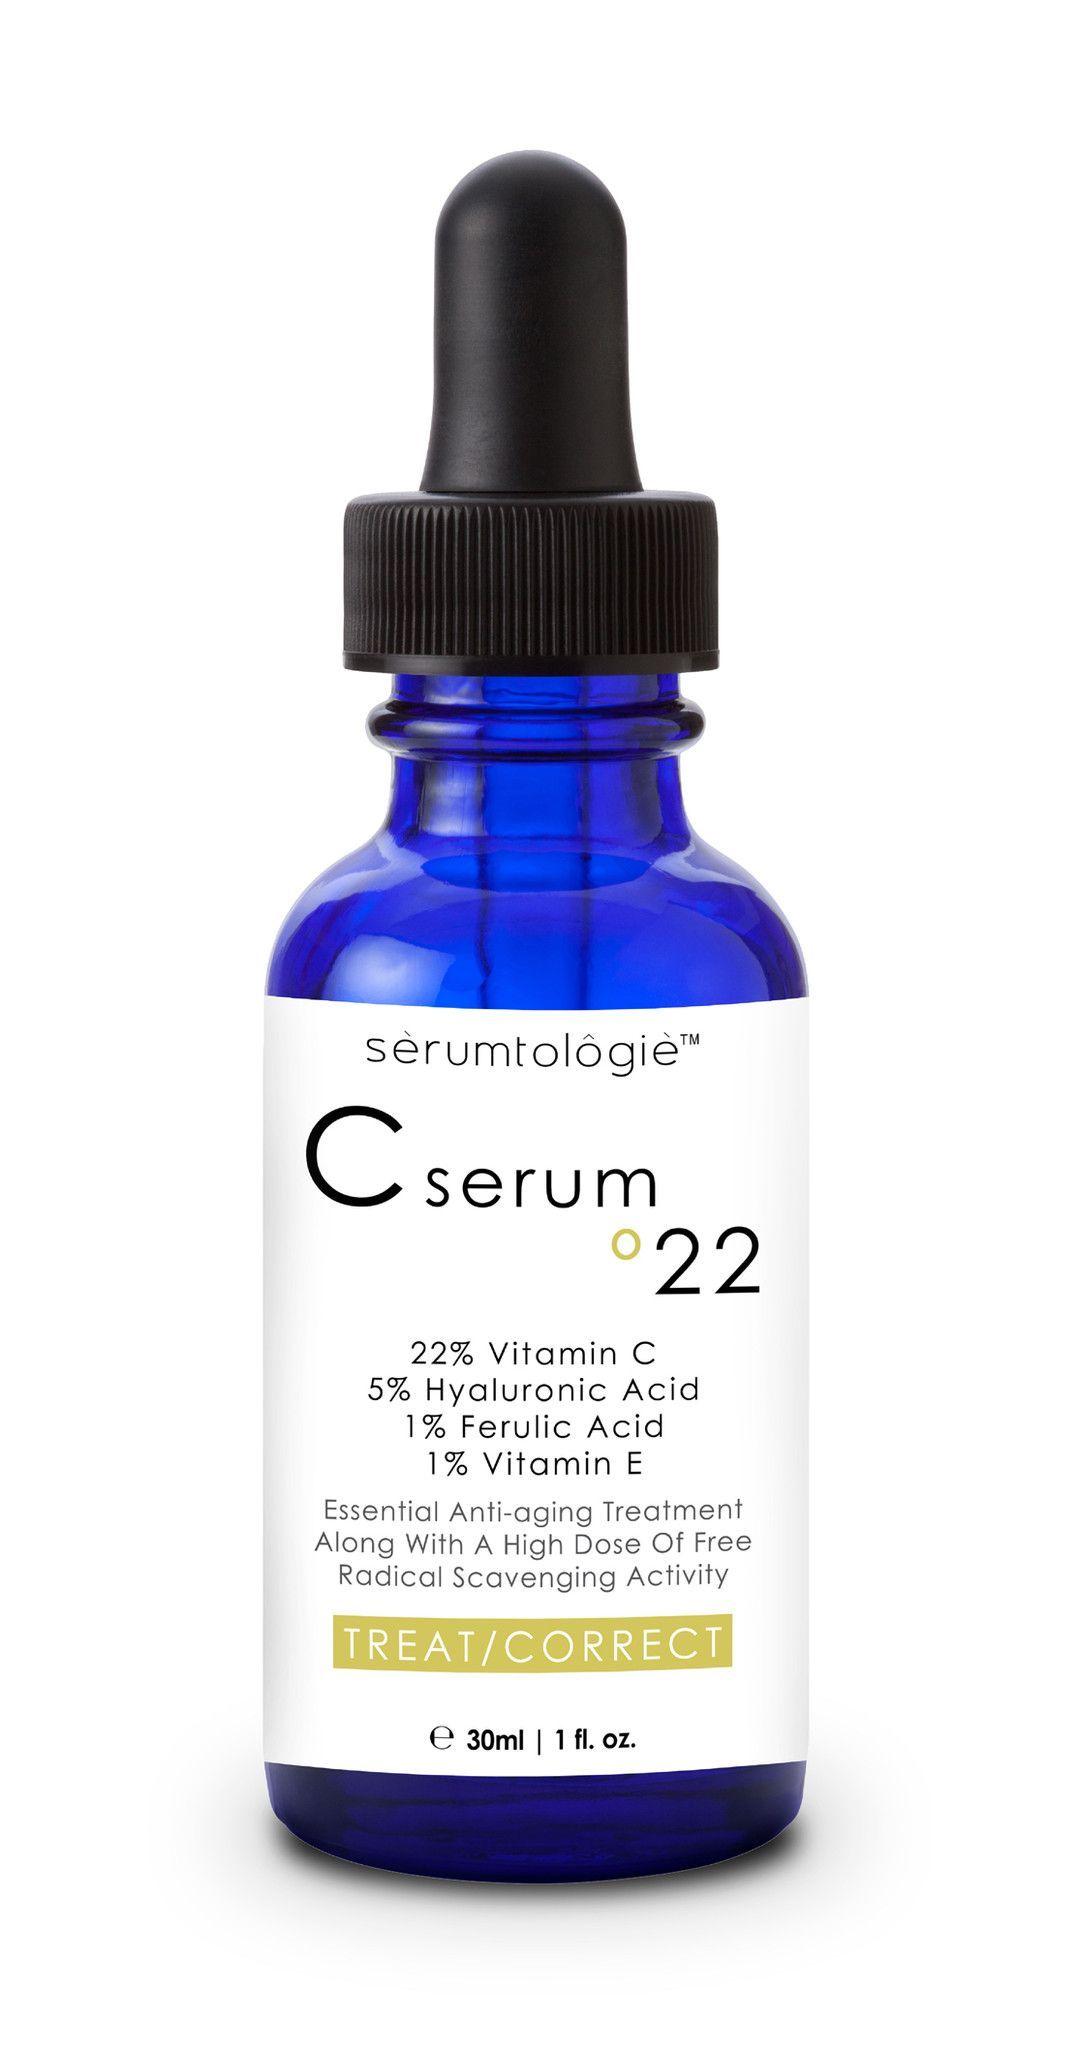 sérumtologié® C serum °22 Anti aging treatments, Serum